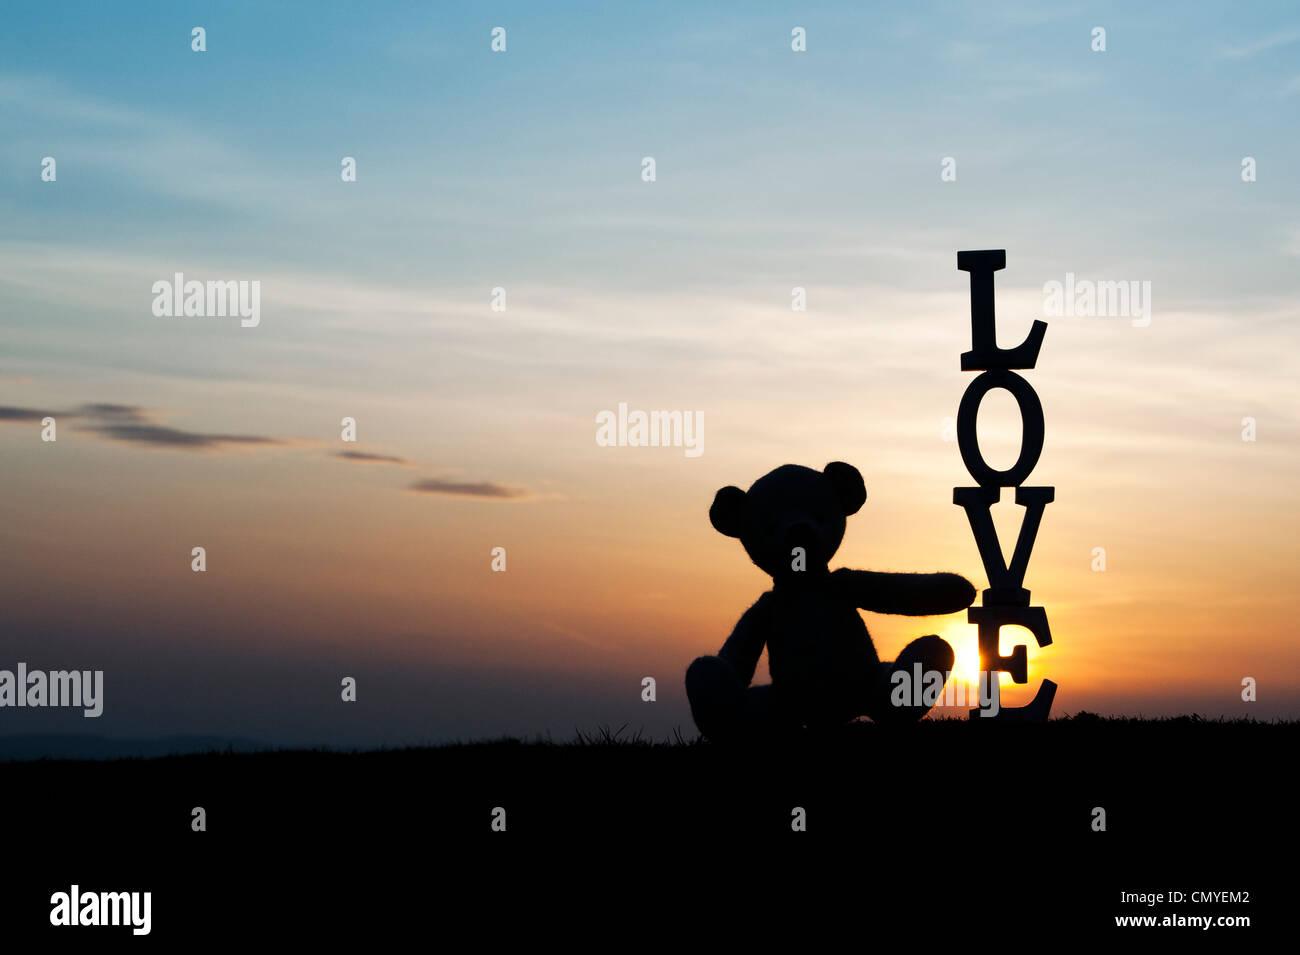 Oso de peluche sentado al lado de la palabra amor al atardecer. Silueta Imagen De Stock